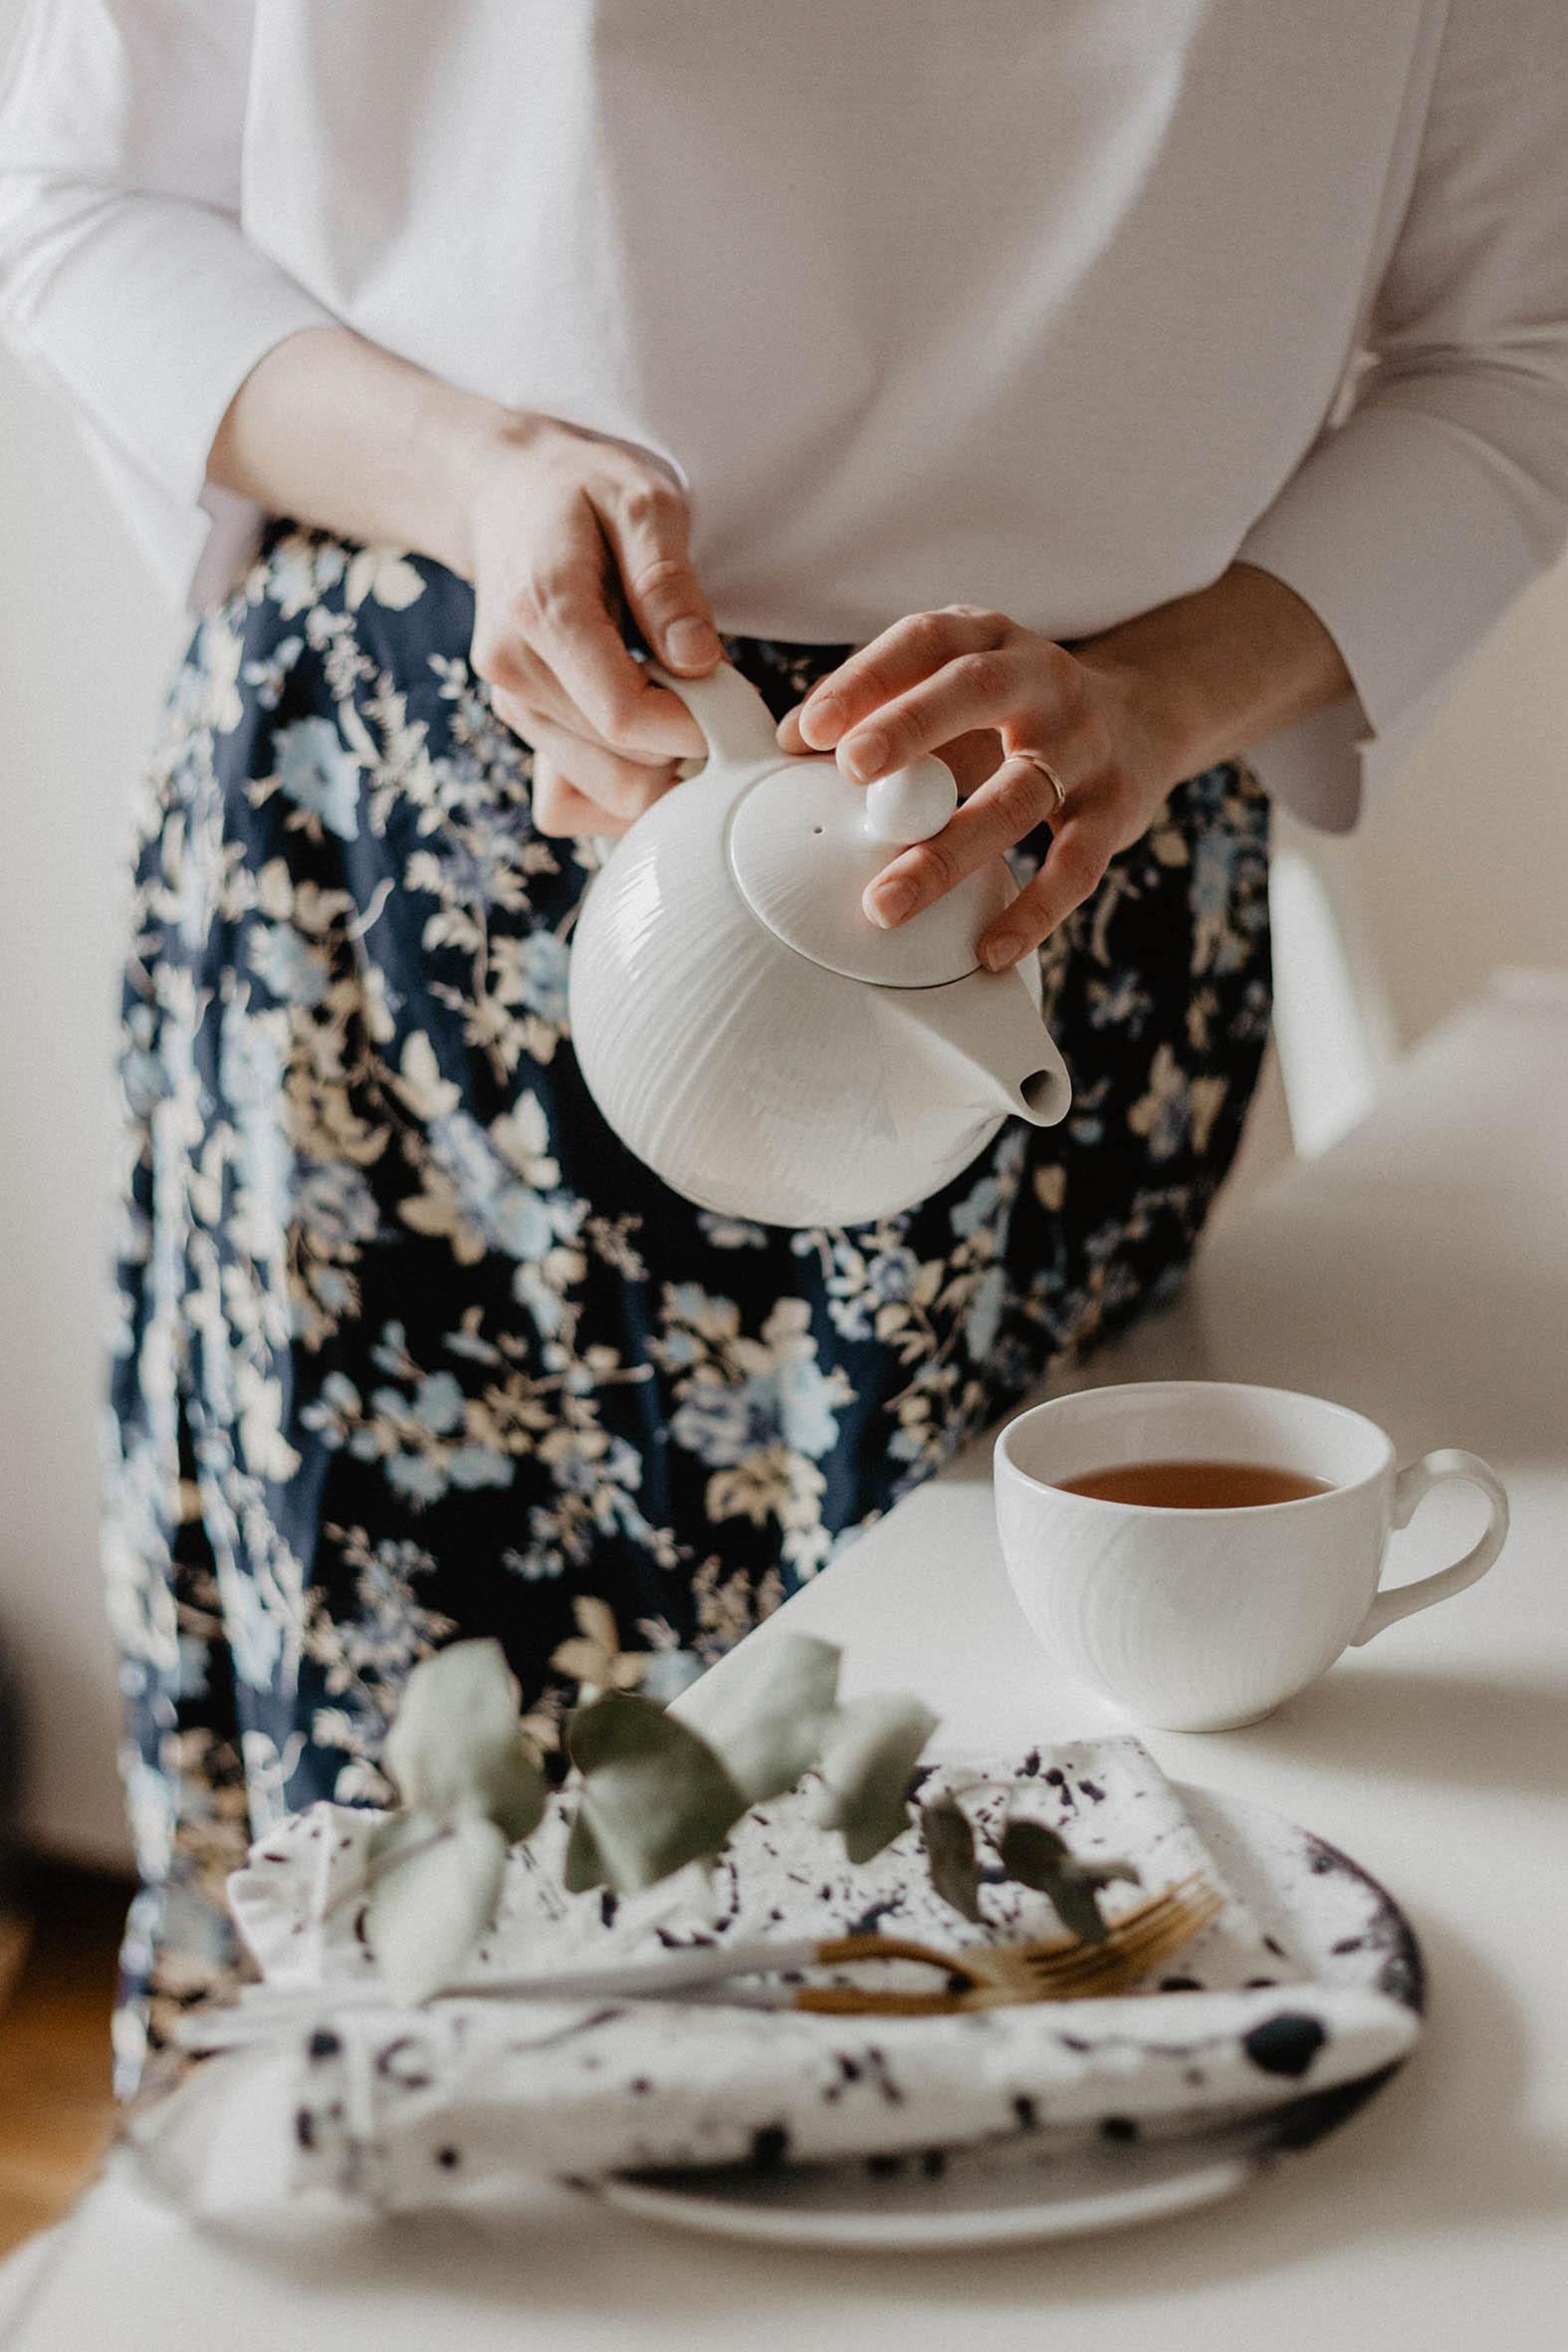 Empieza el día con un té